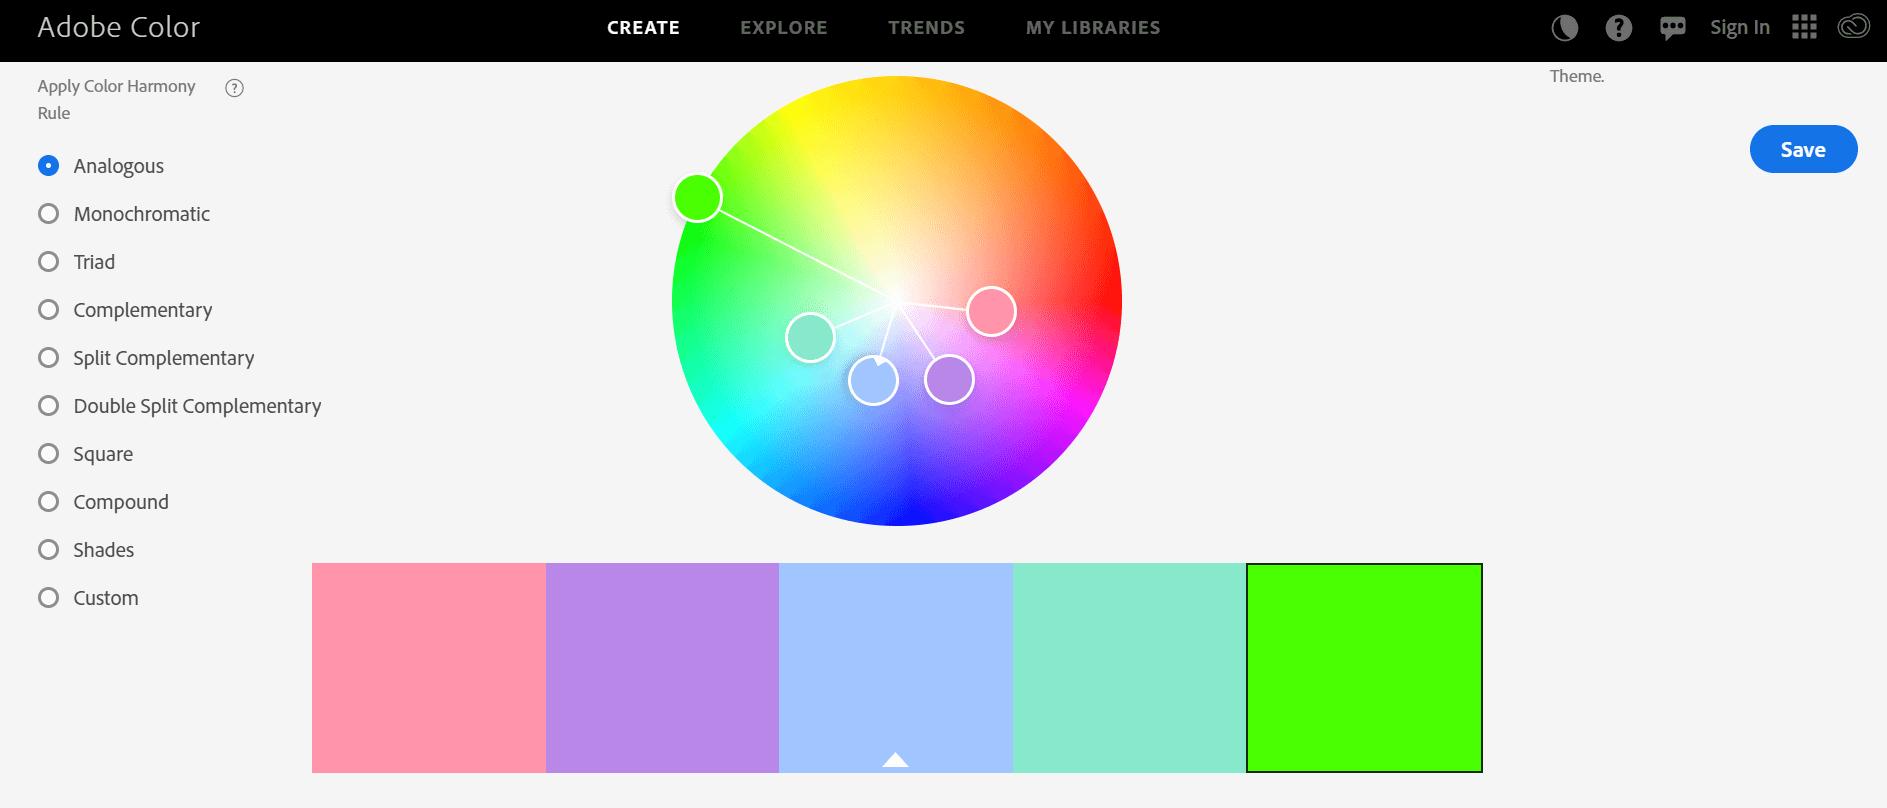 nonprofit-logos-adobe-color